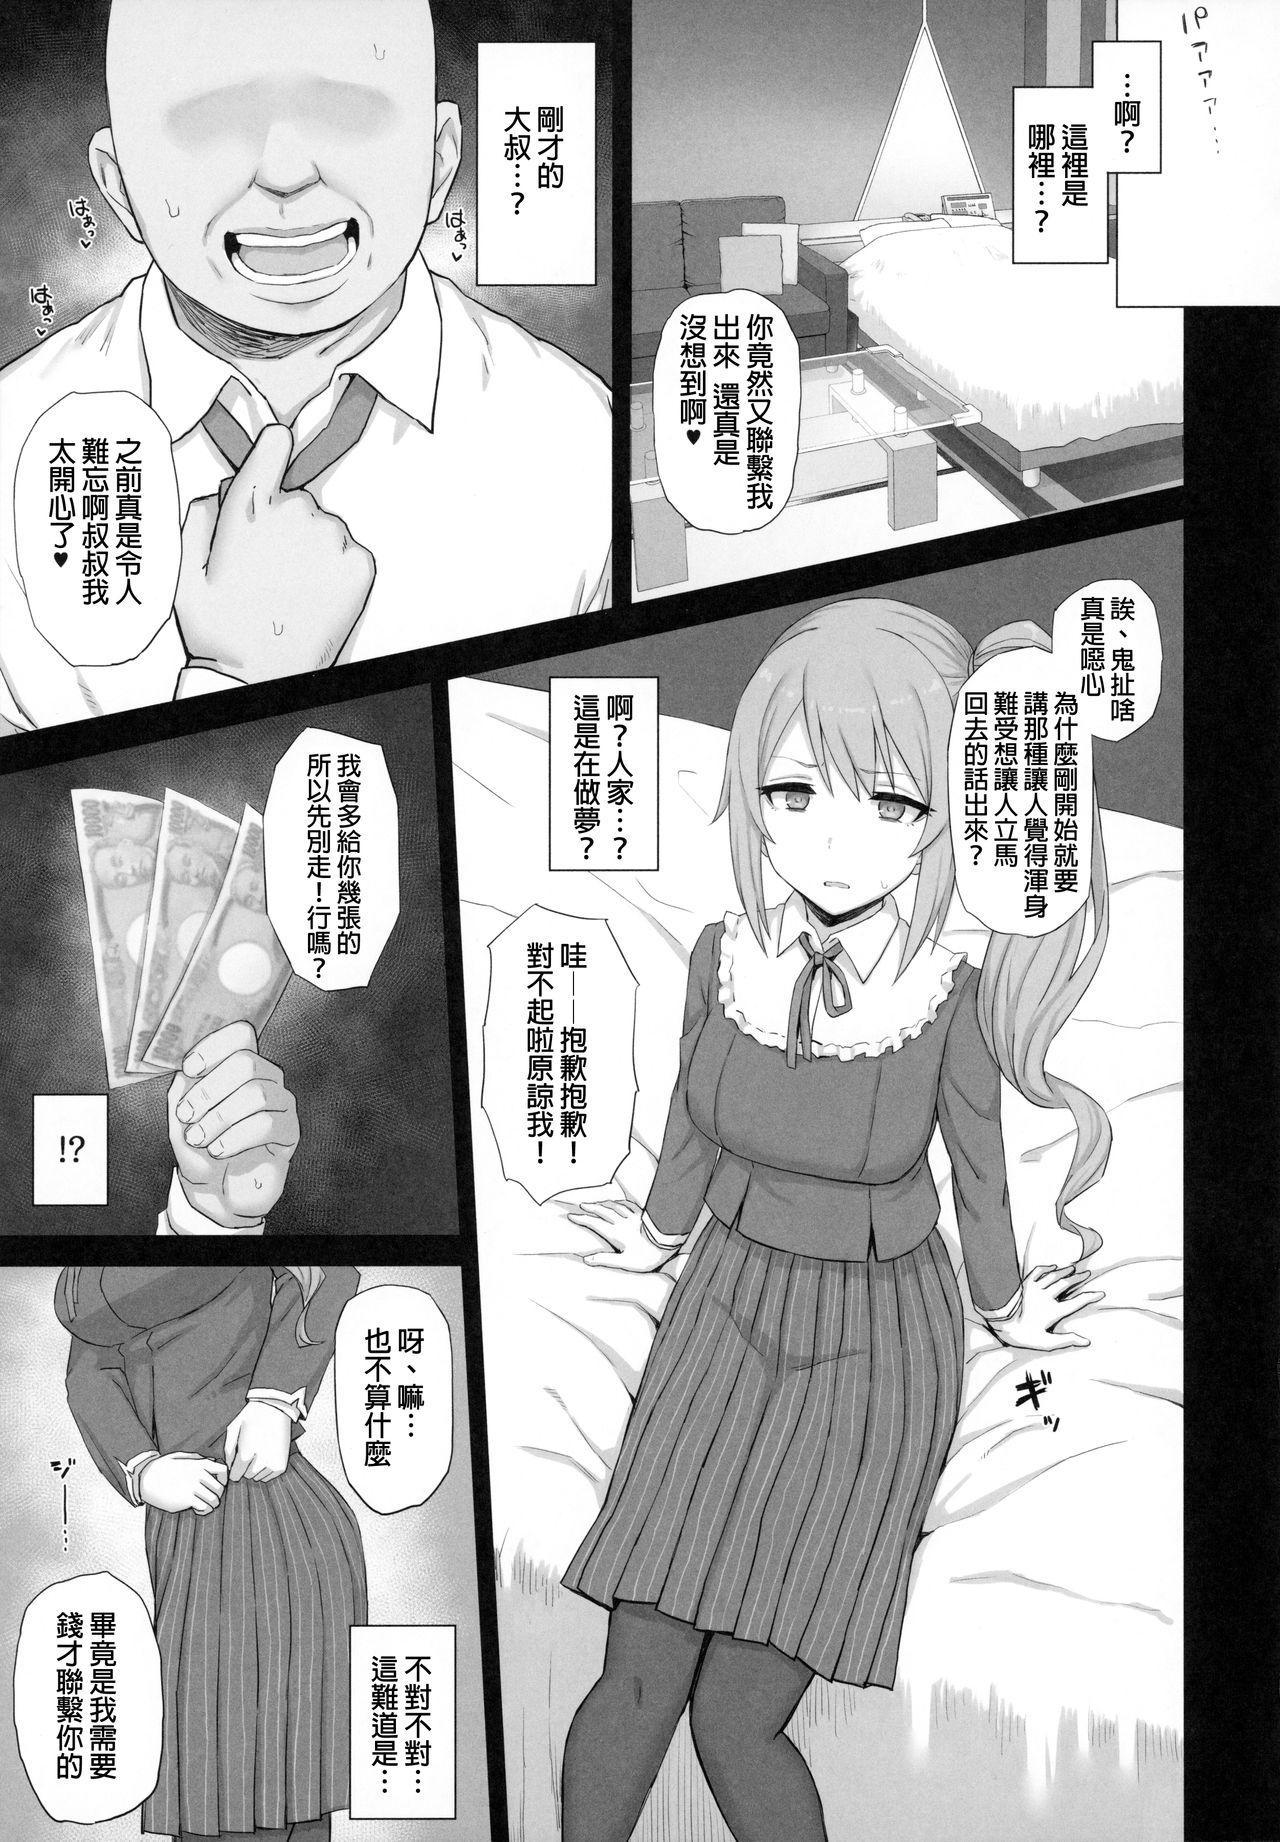 Ojou-sama Gakkou ni Kayou Binbou Shoujo wa Touzen no You ni Papakatsu ni Kiketsu Suru 4